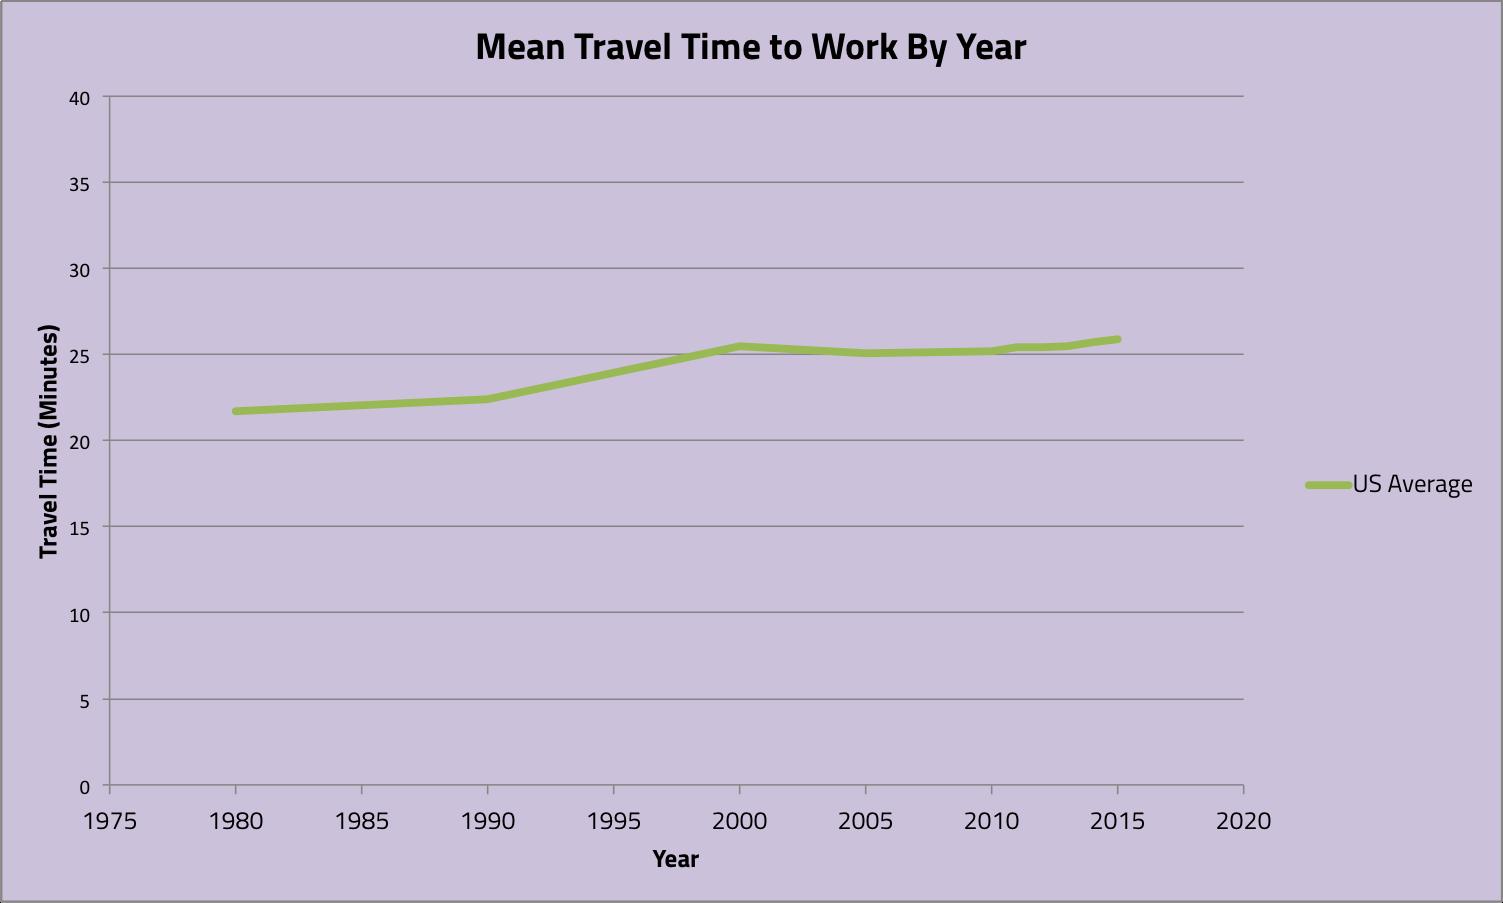 Source: US Census Bureau